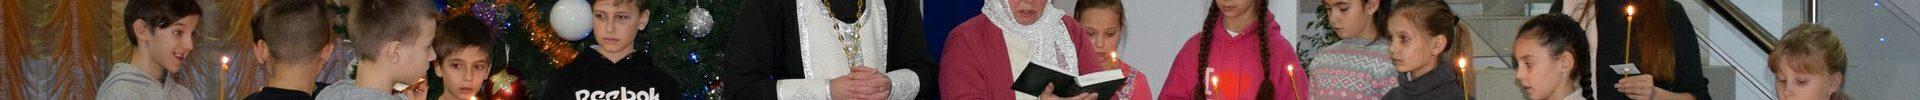 Воспитанники воскресной школы Преображенского храма деревни Спас-Каменка приняли участие в освящении Дома культуры поселка Ермолино